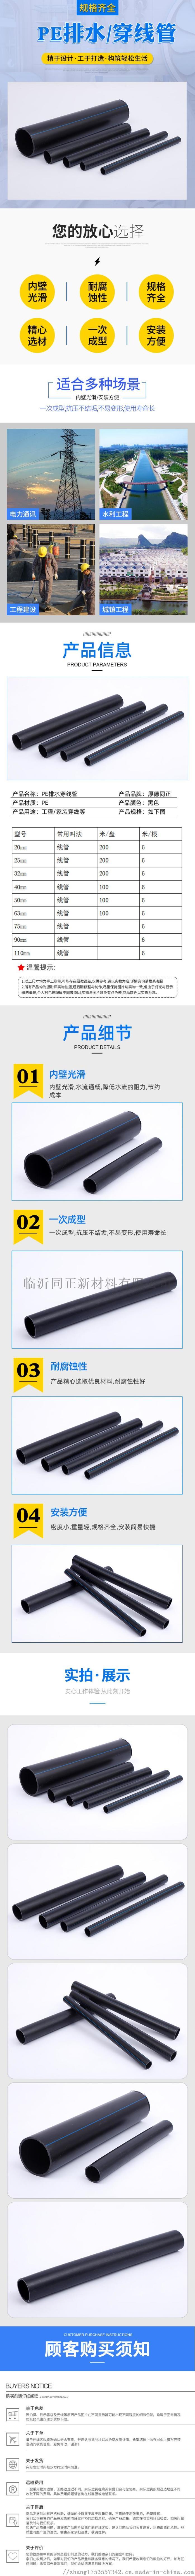 PE管材|PE给水管|PE燃气管_临沂同正新材料